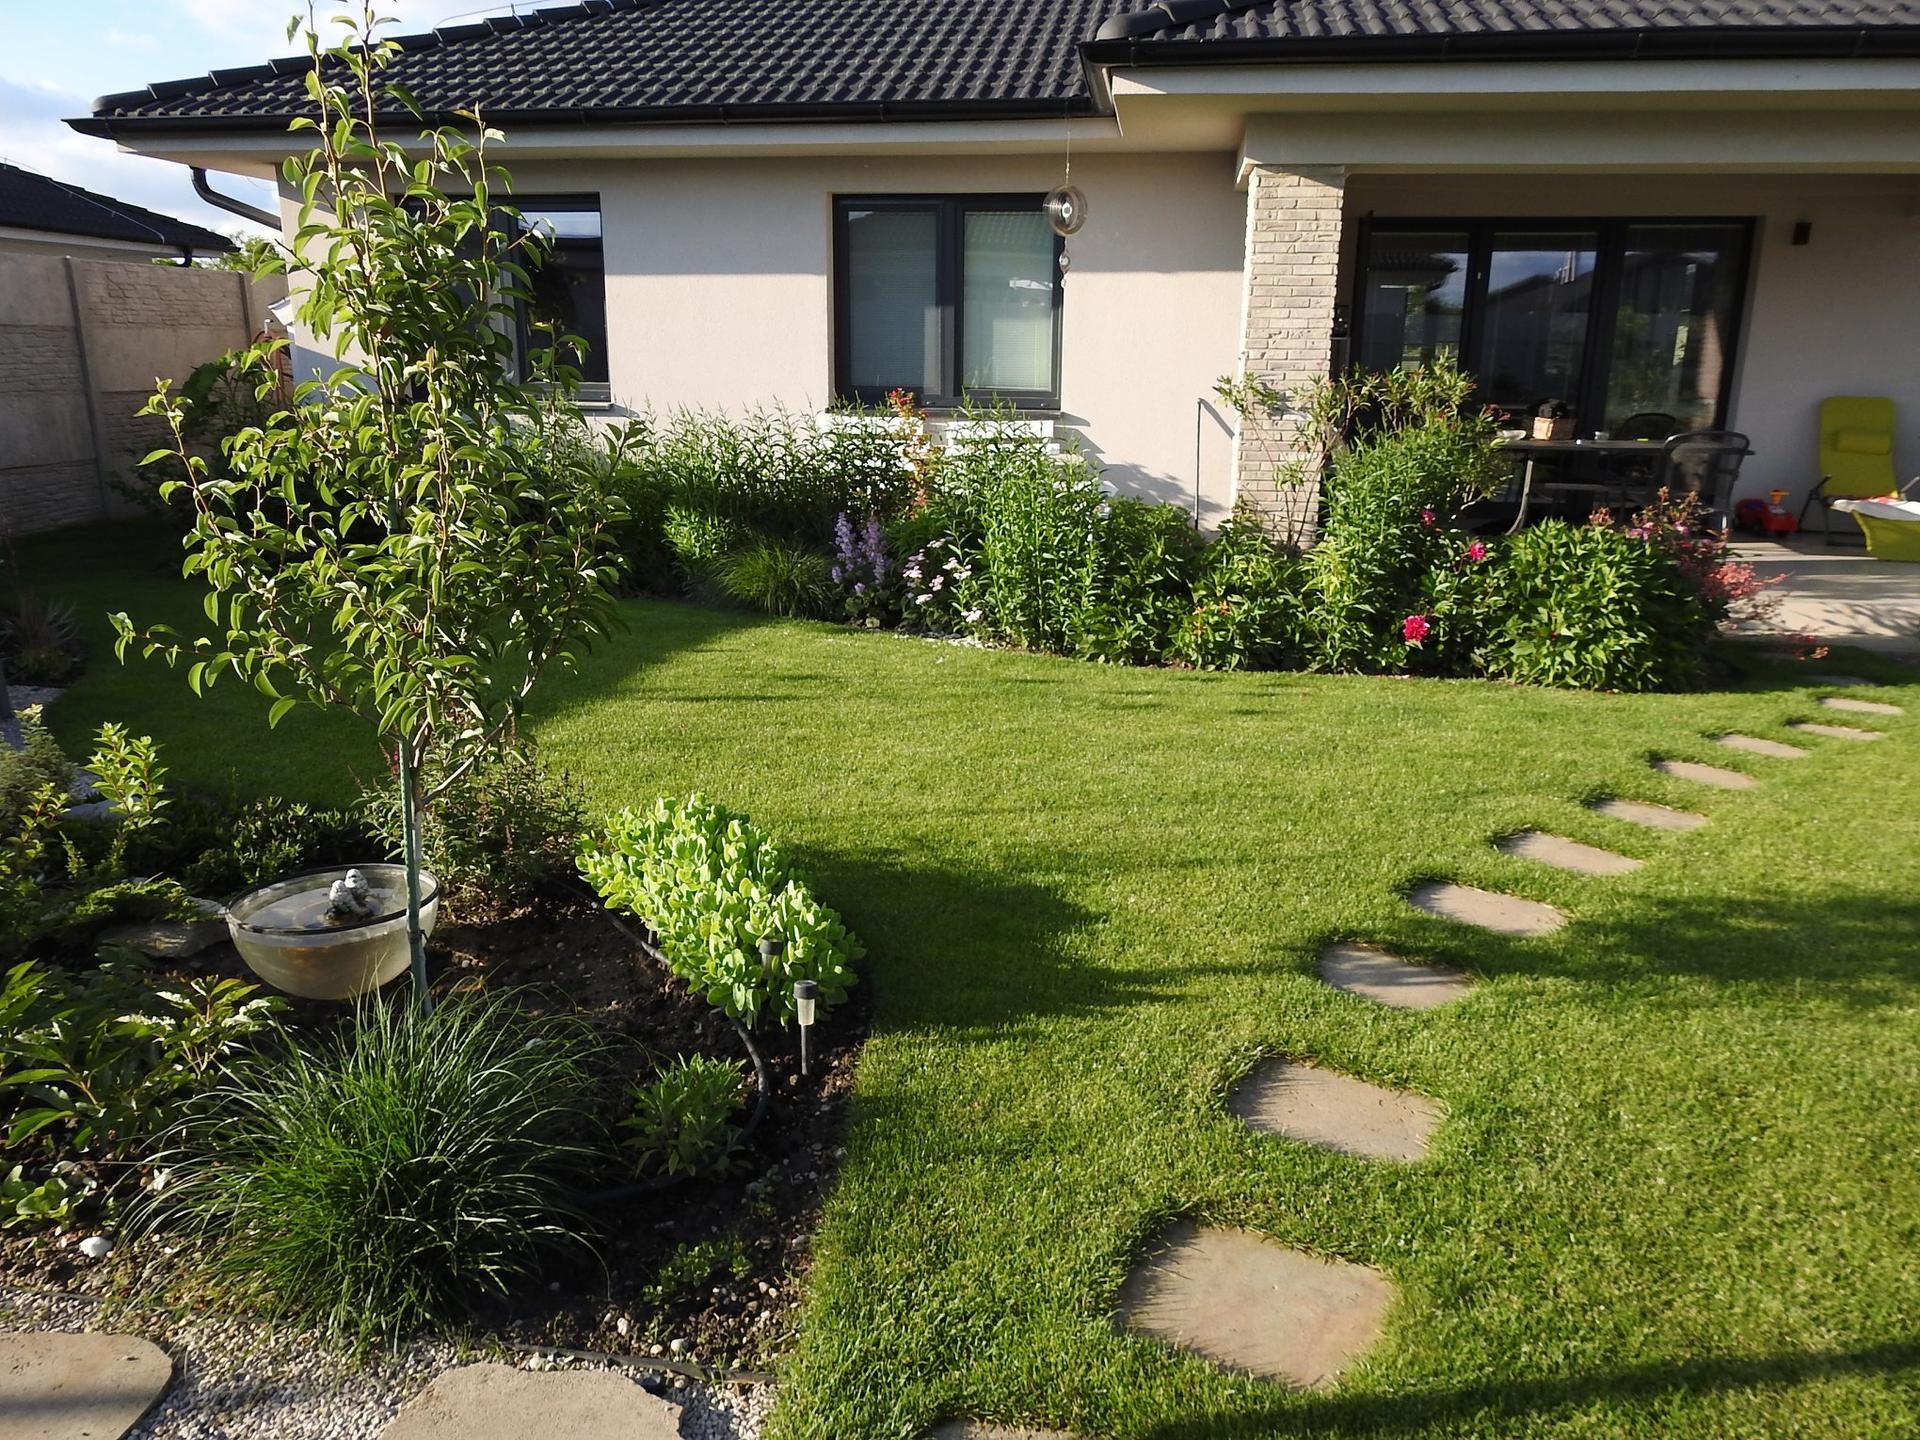 Návrh aj realizácia záhrady v mojom ponímaní - Obrázok č. 7